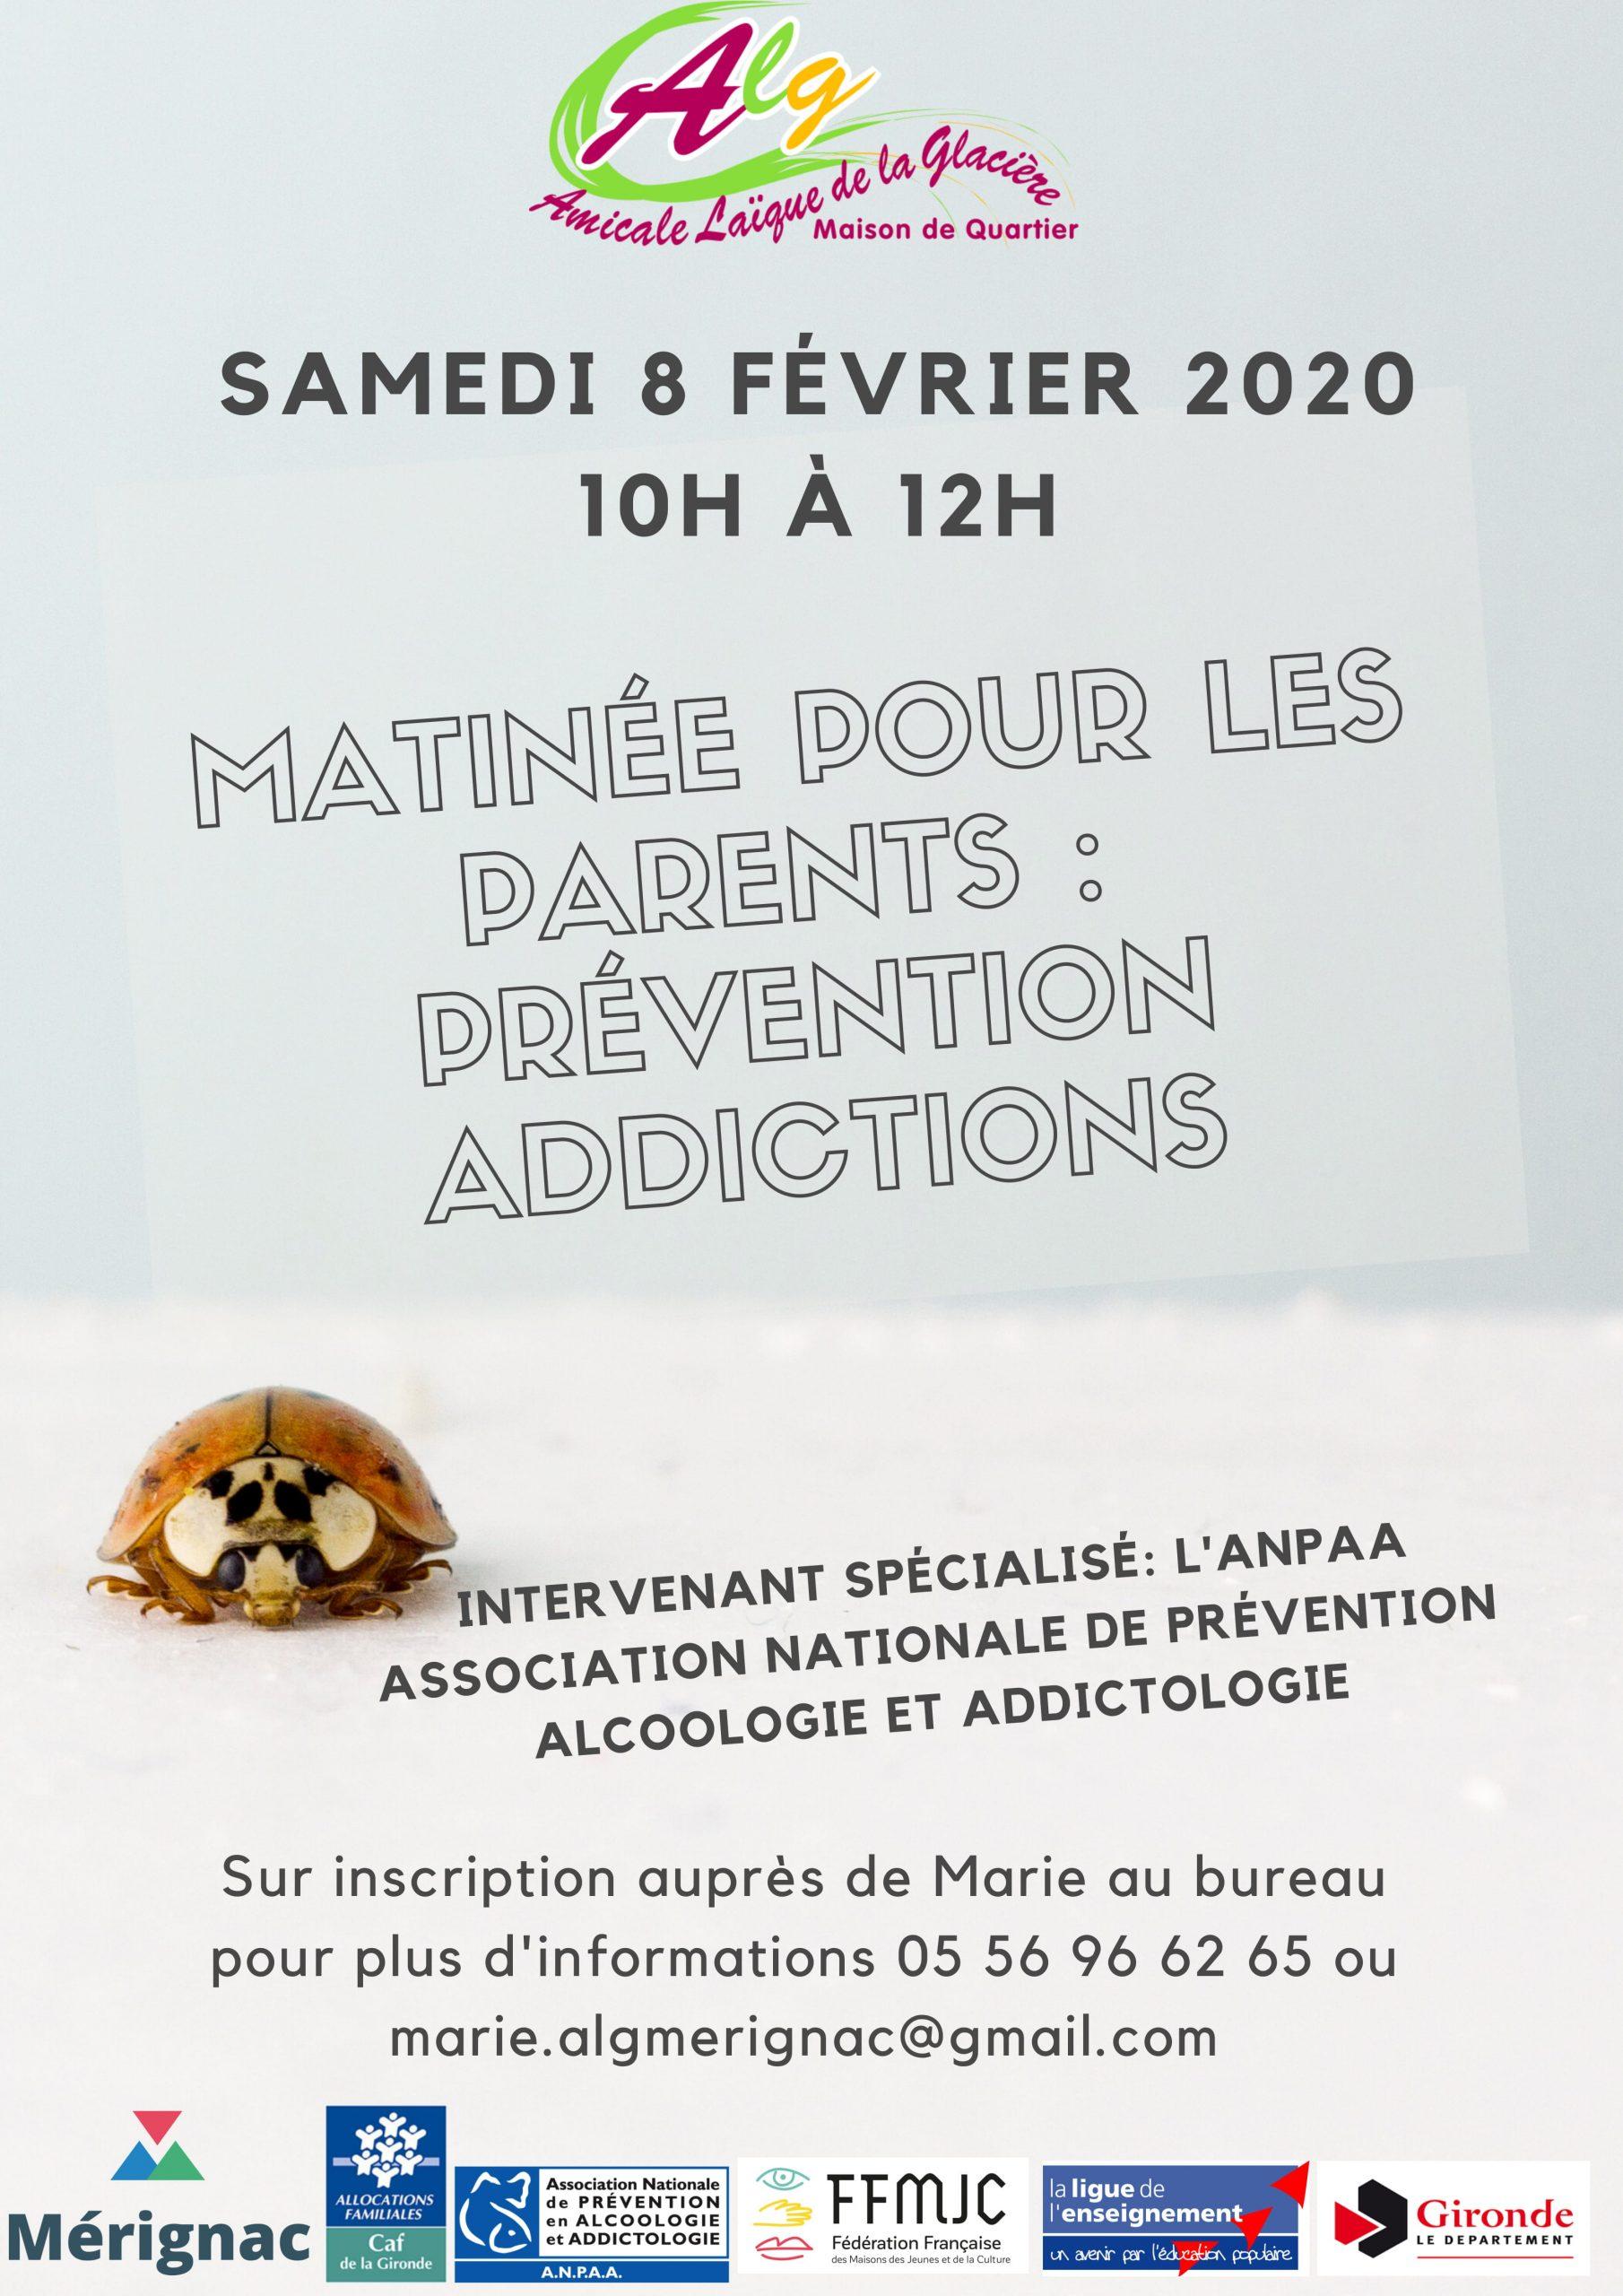 Matinée parents: Prévention Addictions 🗓